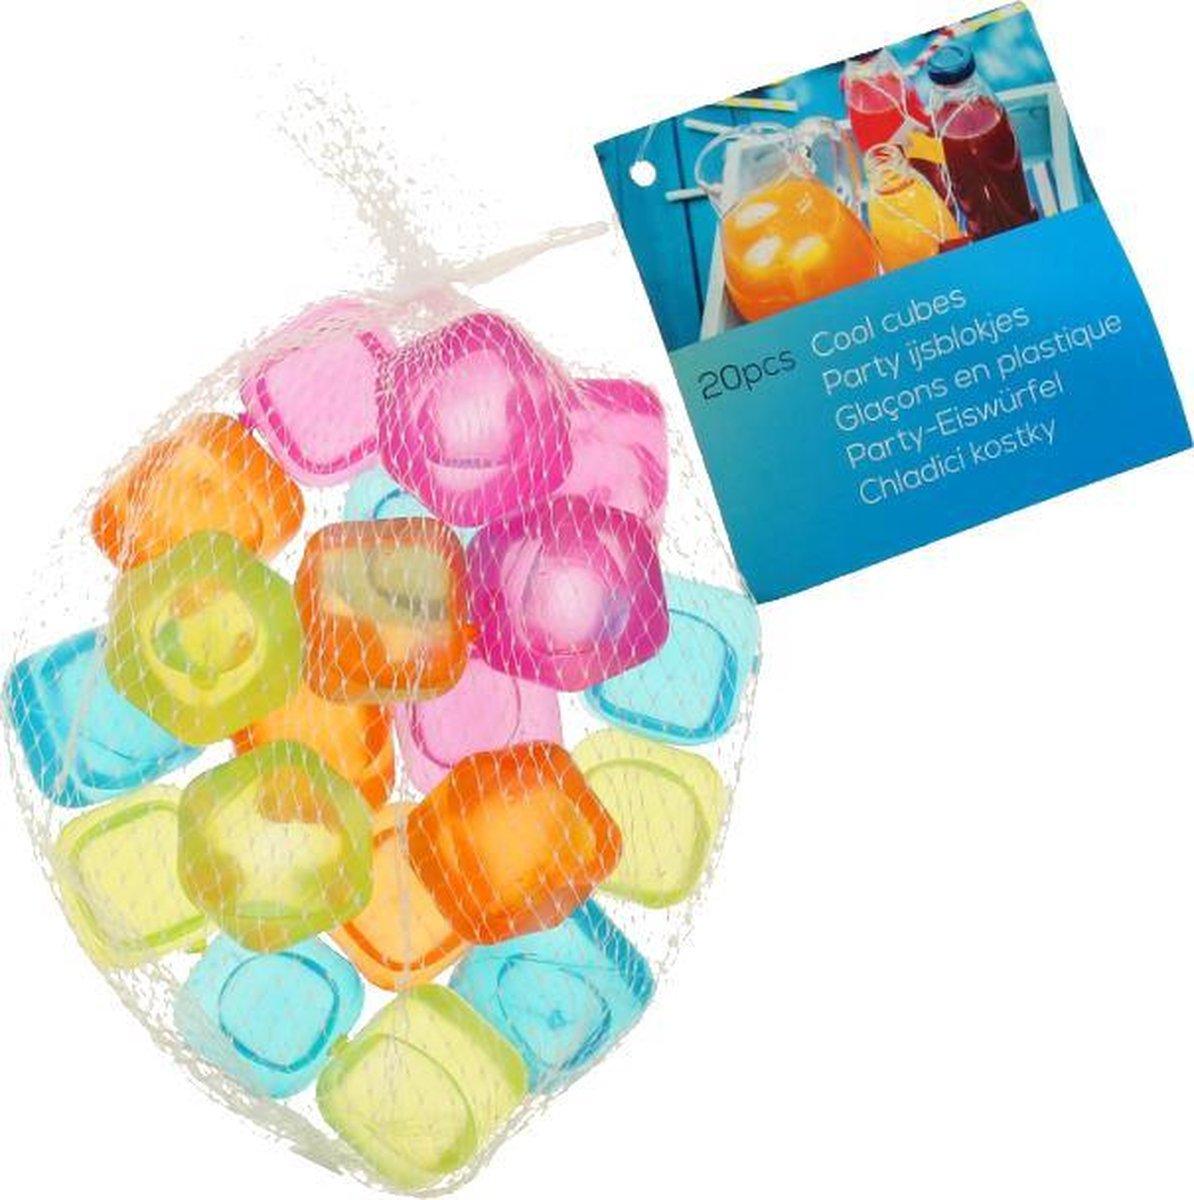 Herbruikbare ijsblokjes - Duurzaam - Milieuvriendelijk - Stevig kunststof - Gekleurd - 20 stuks